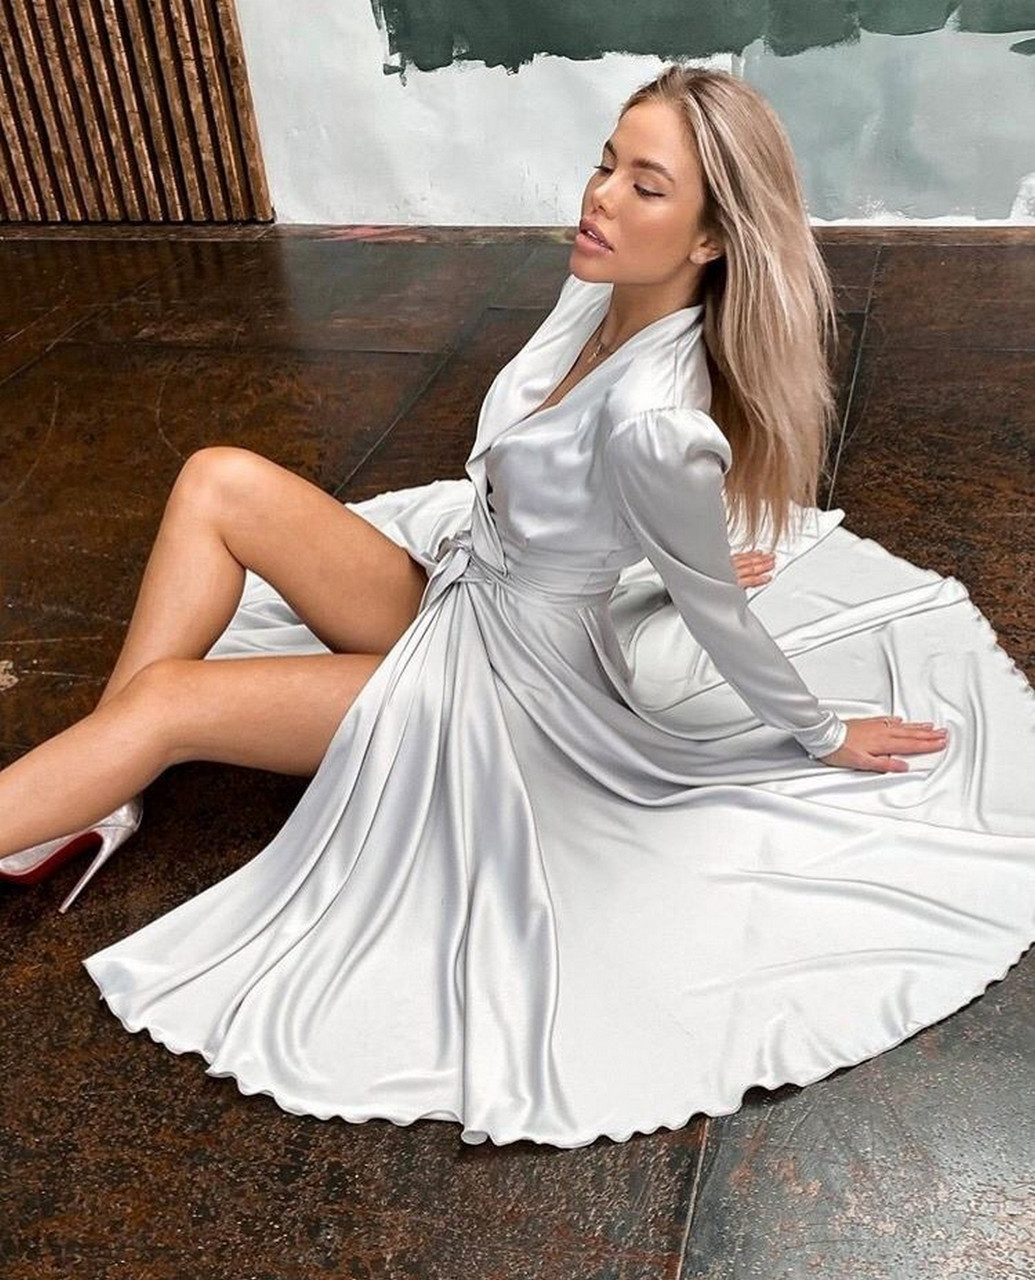 Нарядне жіноче плаття з шовку на запах з поясом, 00618 (Білий), Розмір 44 (M)